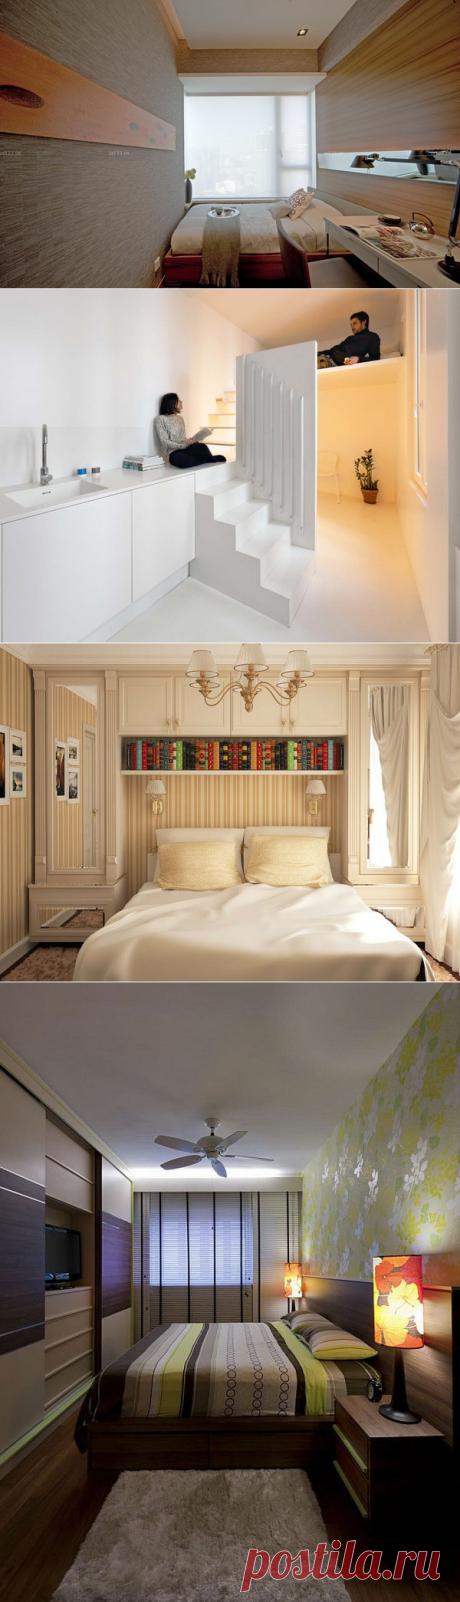 8 секретов правильной спальни — Мой дом